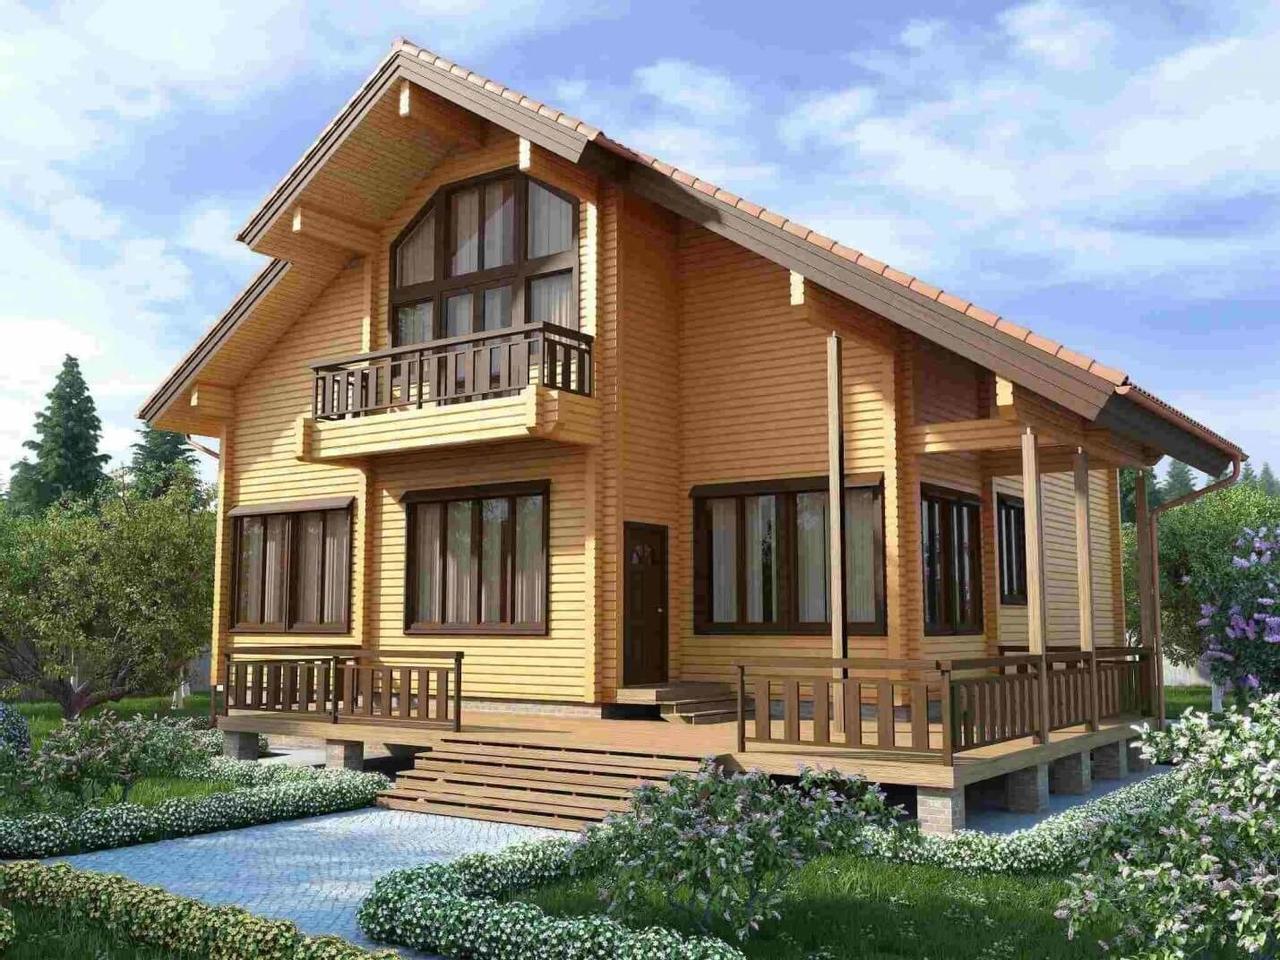 Почему дом из бруса считается идеальным жильем для человека?